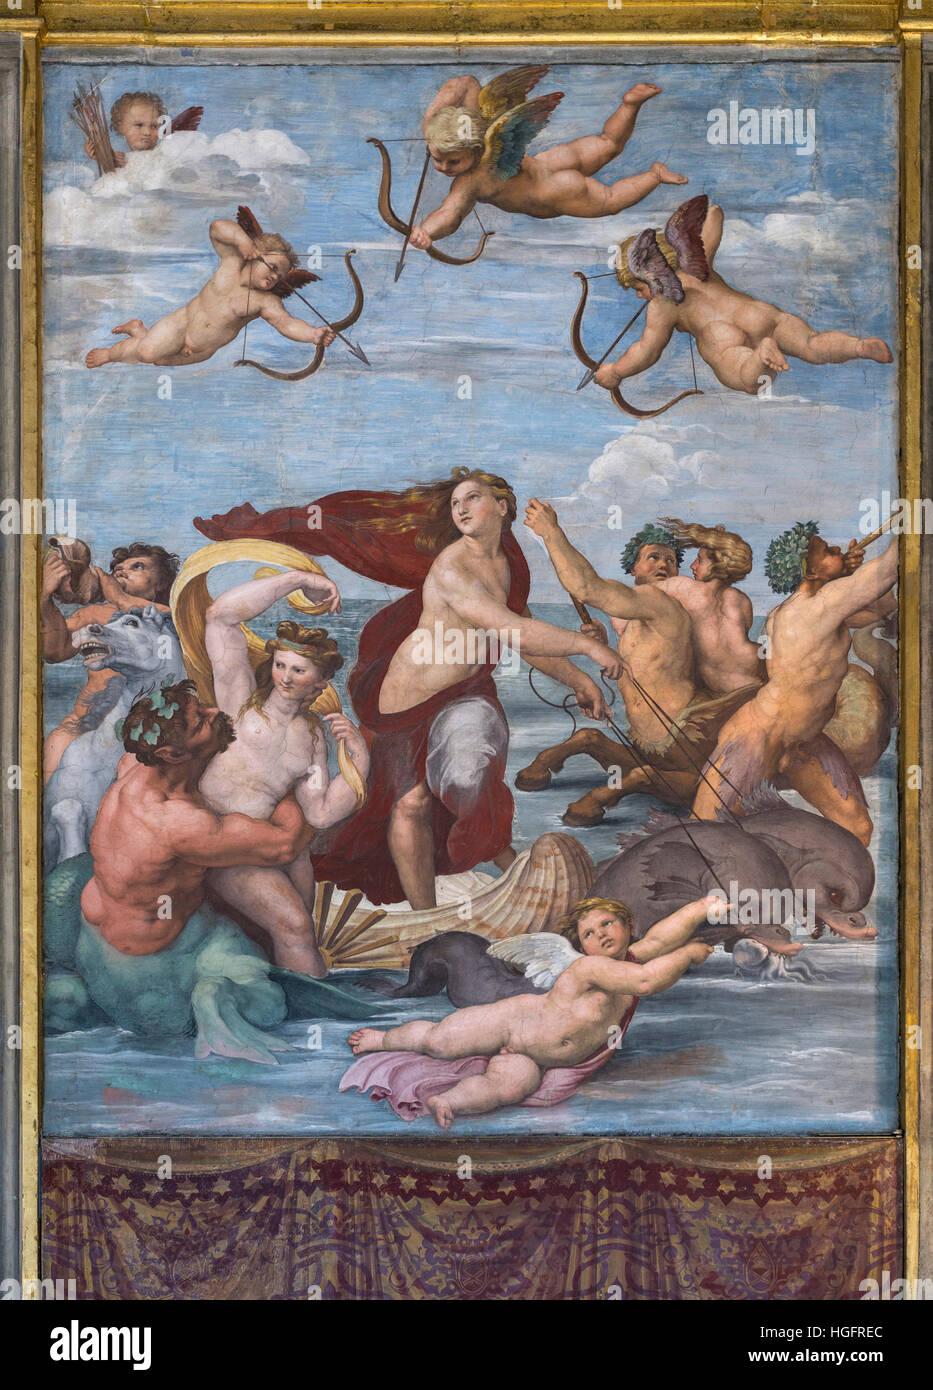 Roma. L'Italia. Villa Farnesina. Trionfo di Galatea, 1512, affresco di Raffaello nella Loggia di Galatea. Immagini Stock